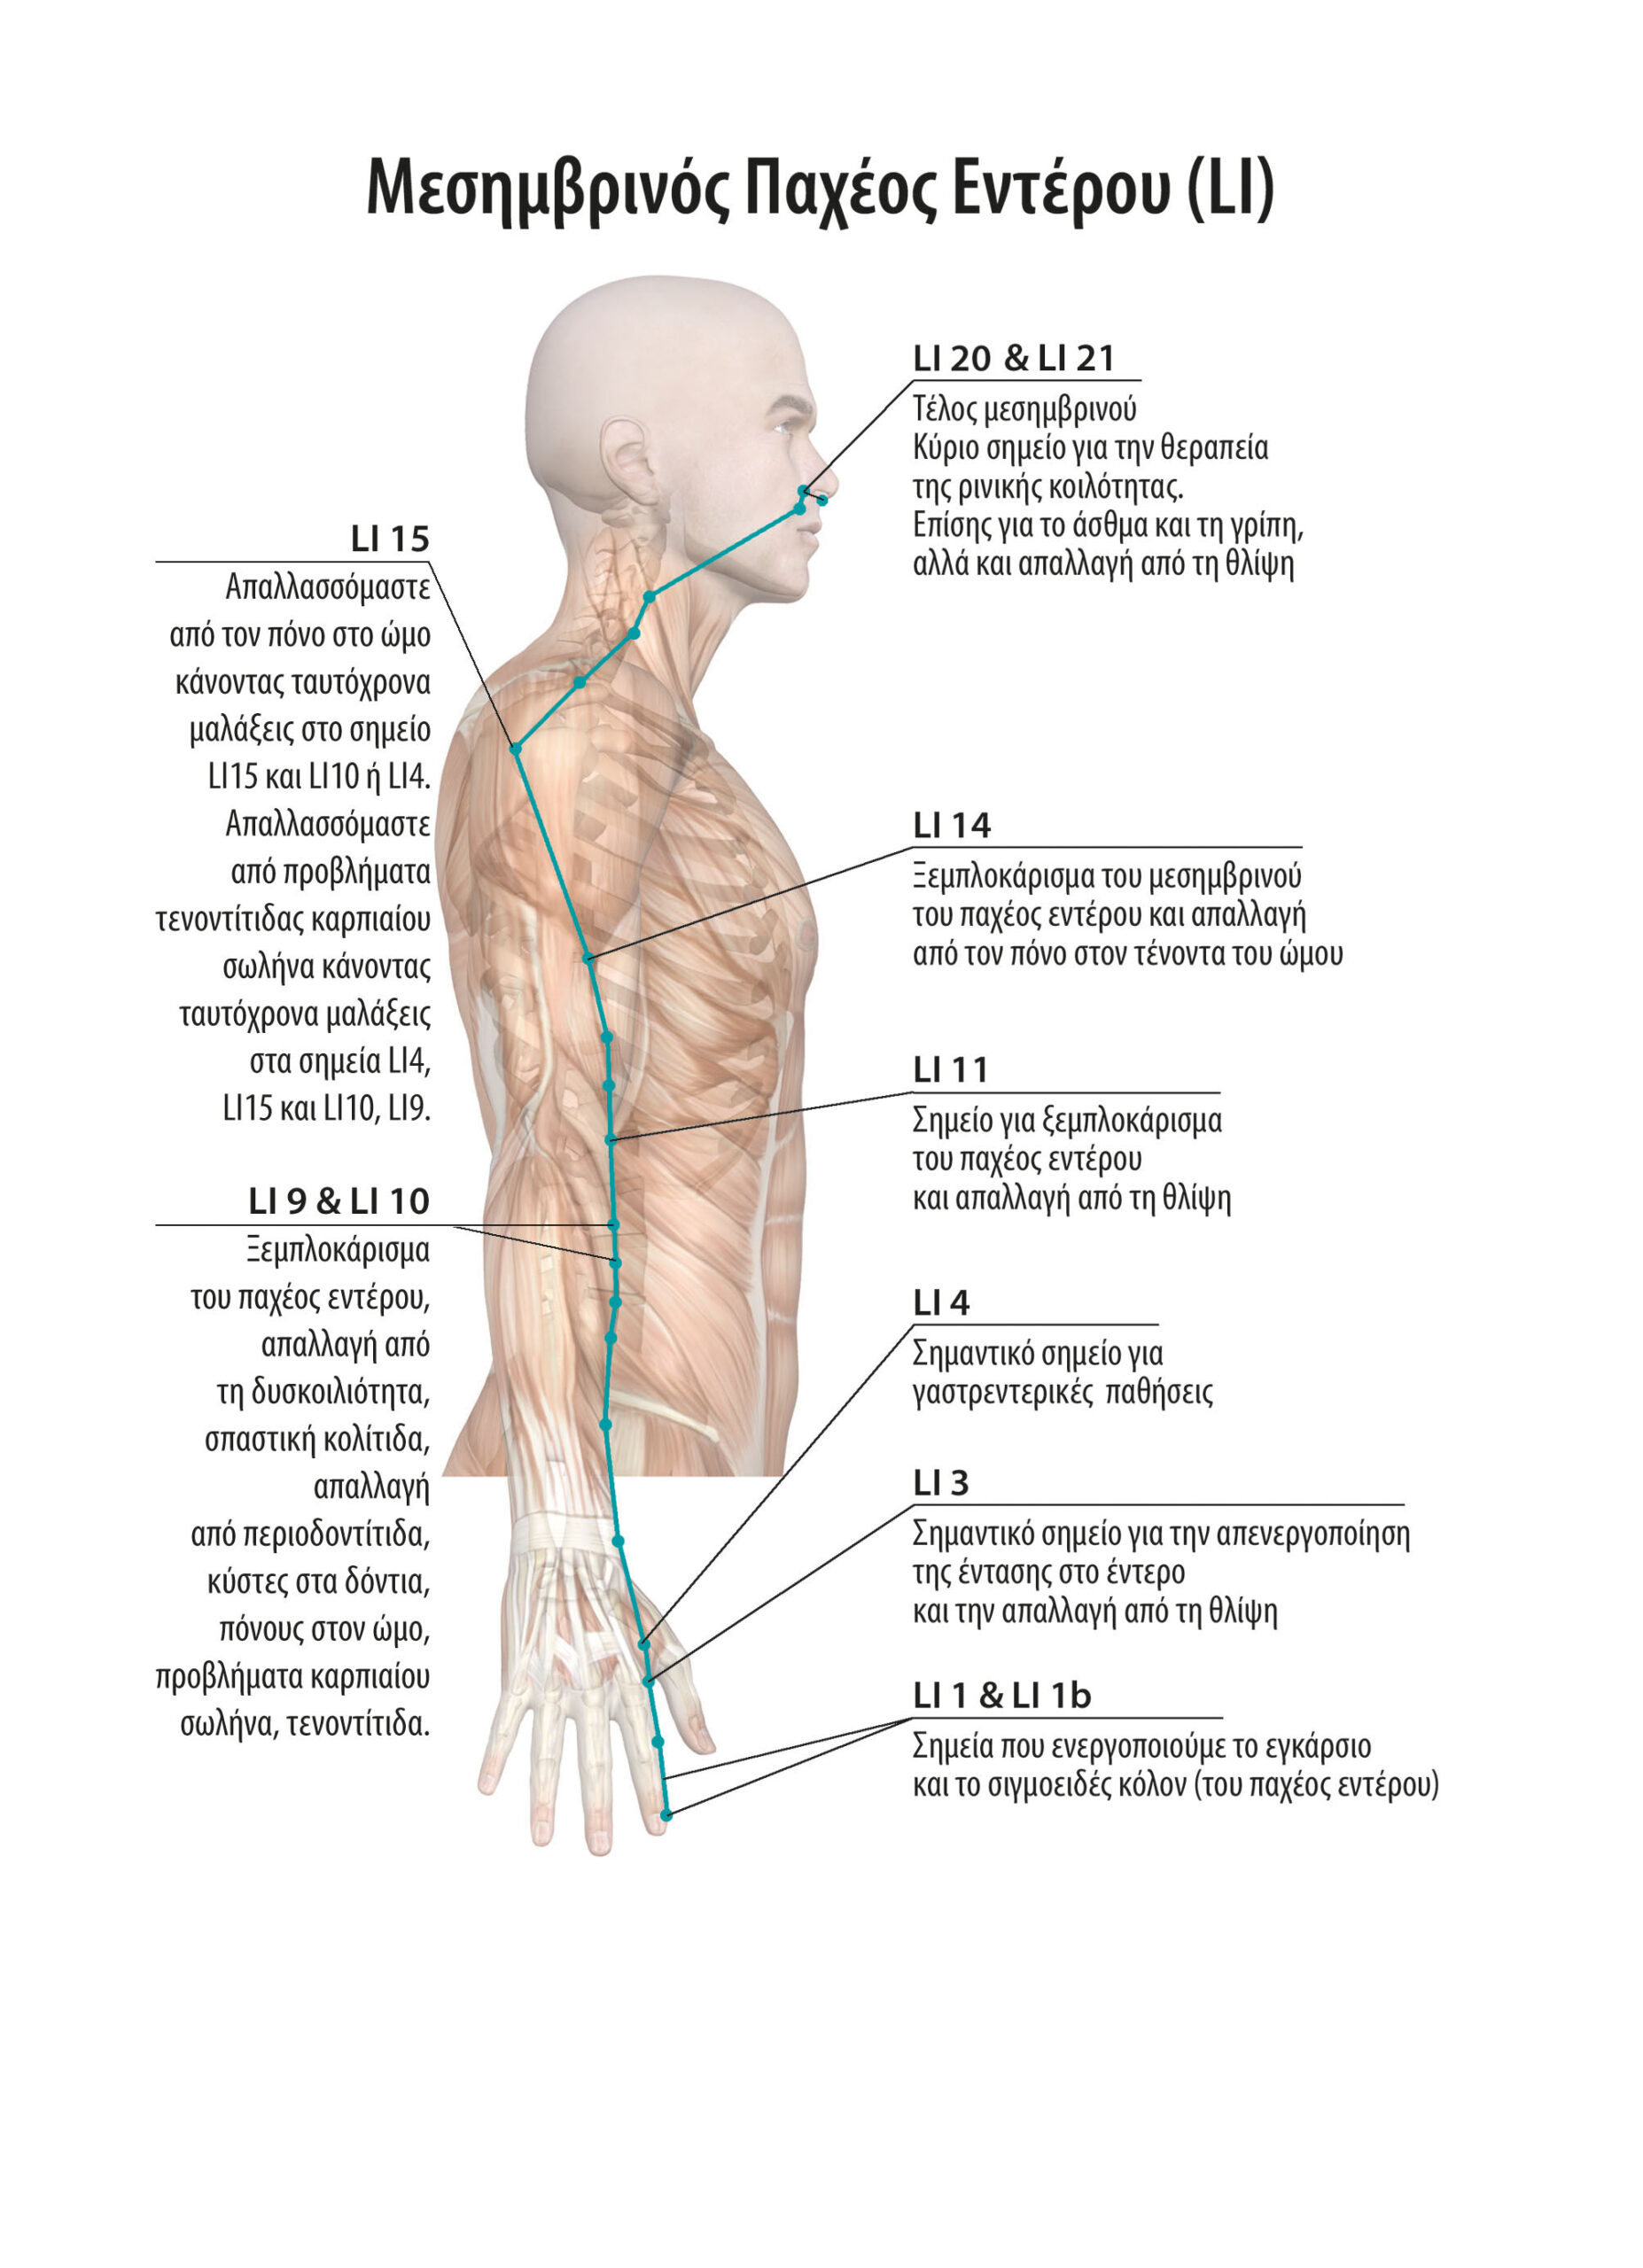 Αυτοθεραπεία από δυσκοιλιότητα, από άκανθα, προβλήματα στον αυχένα, τη μέση και τα γόνατα ξεμπλοκάρoντας τους αντίστοιχους ενεργειακούς μεσημβρινούς. 2